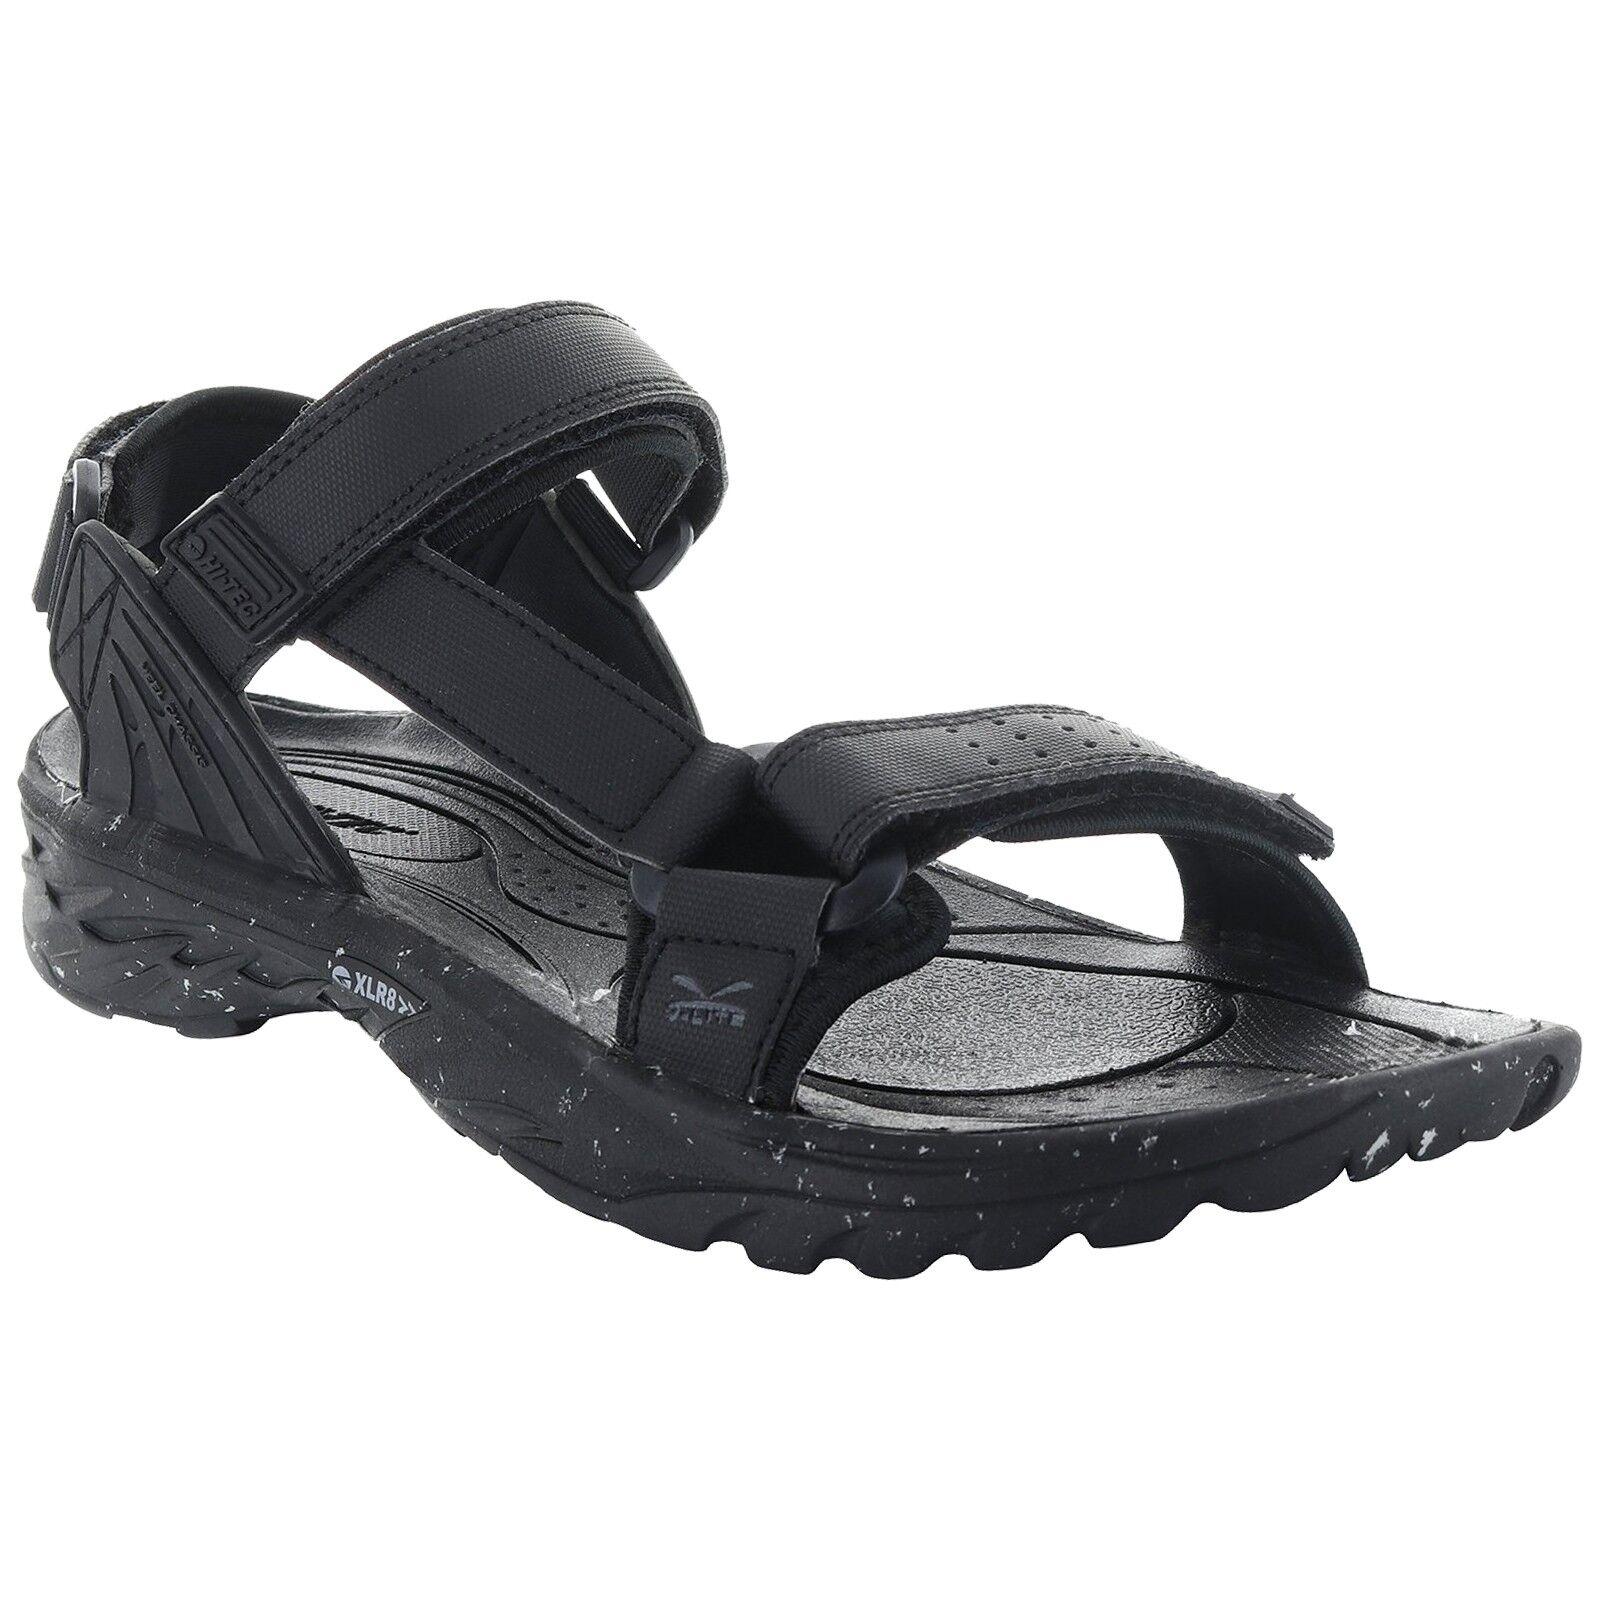 Herren HI-TEC WILD-LIFE VYPER BLACK LIGHTWEIGHT ADJUSTABLE WALKING STRAP WALKING ADJUSTABLE SANDALS f9a60c